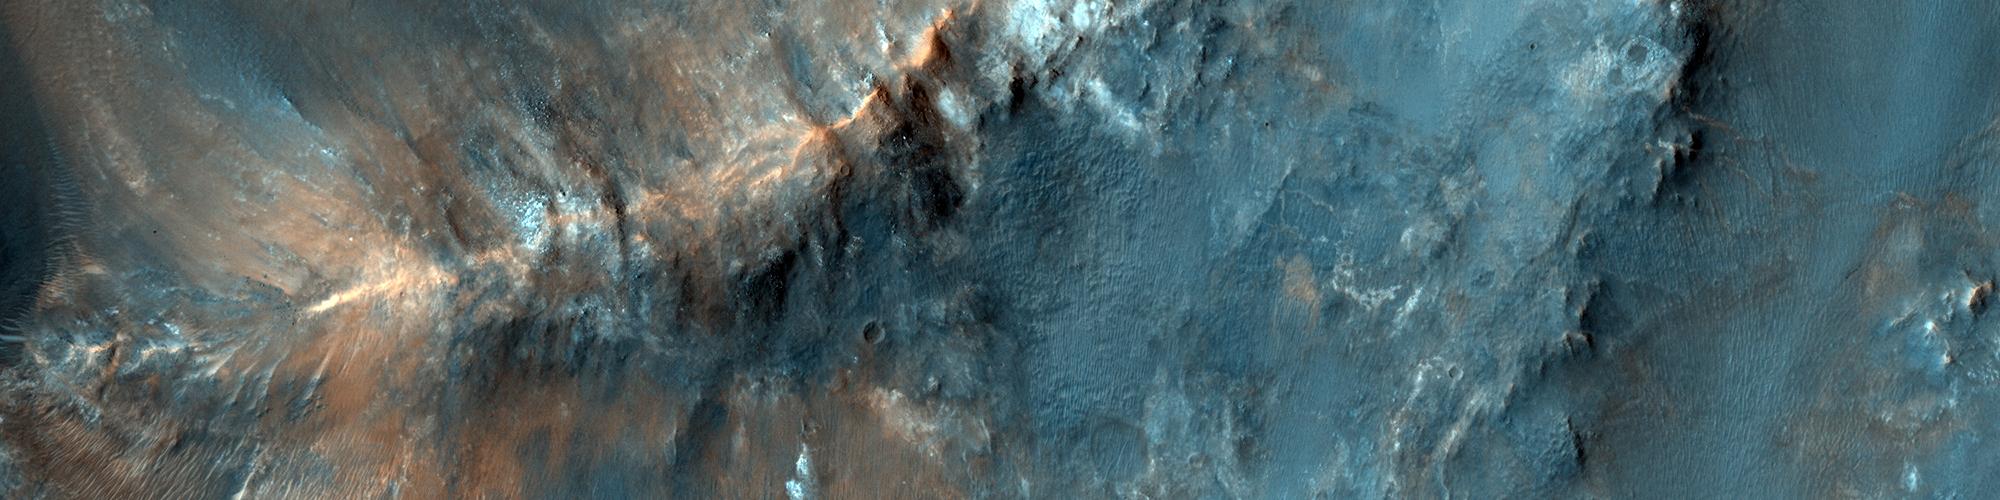 Surface colorée près de Nili Fossae